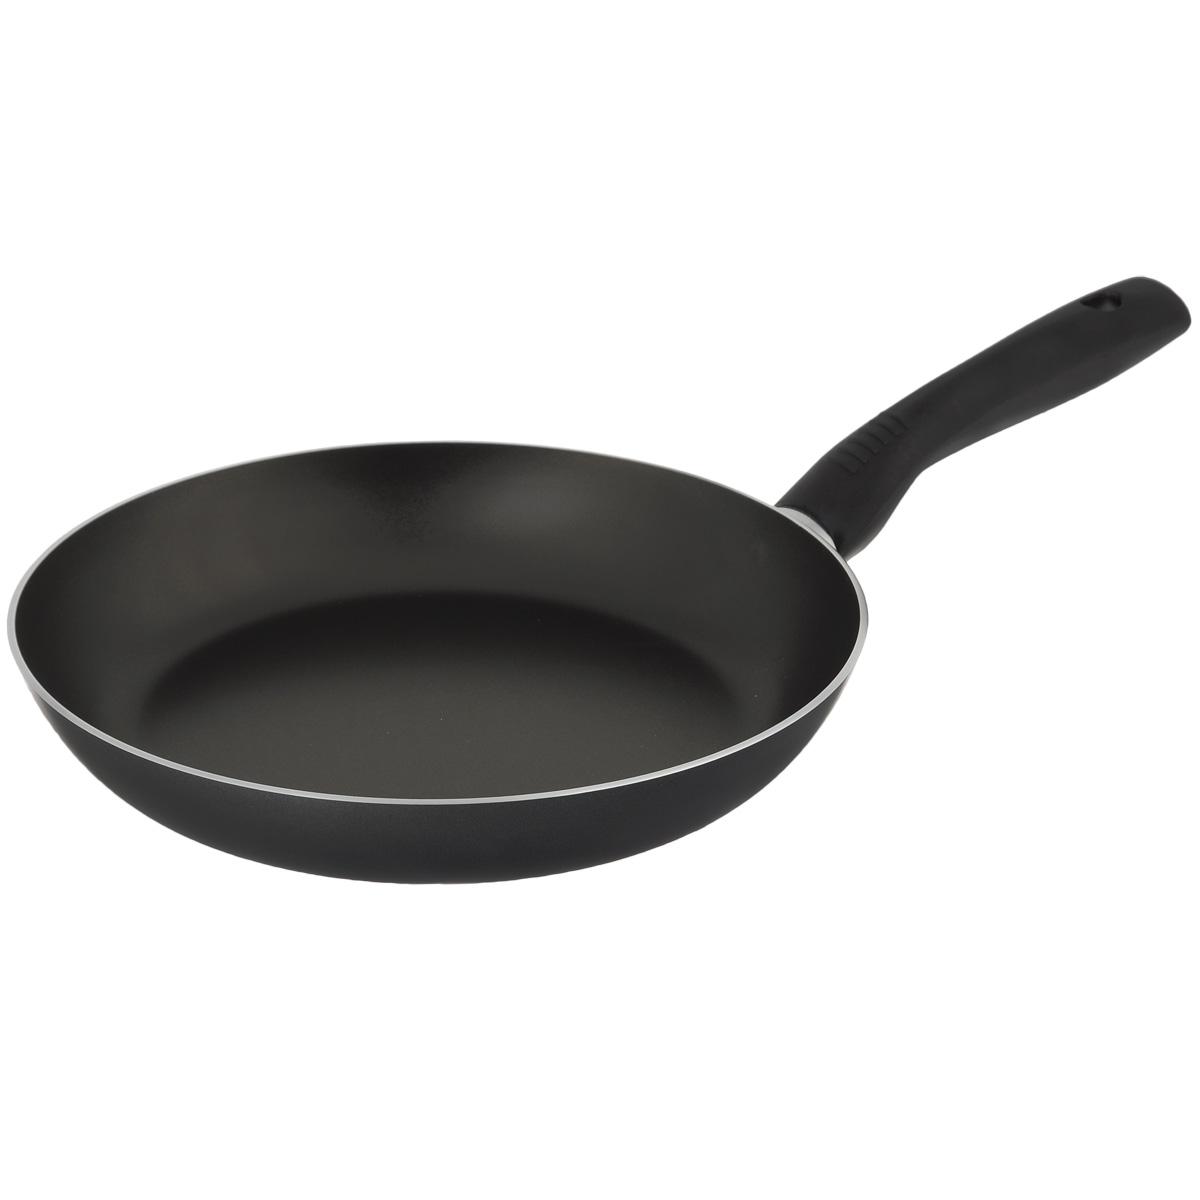 Сковорода TVS Basilico, с антипригарным покрытием, цвет: черный. Диаметр 28 см сковорода wok tvs basilico d 27 см 10501